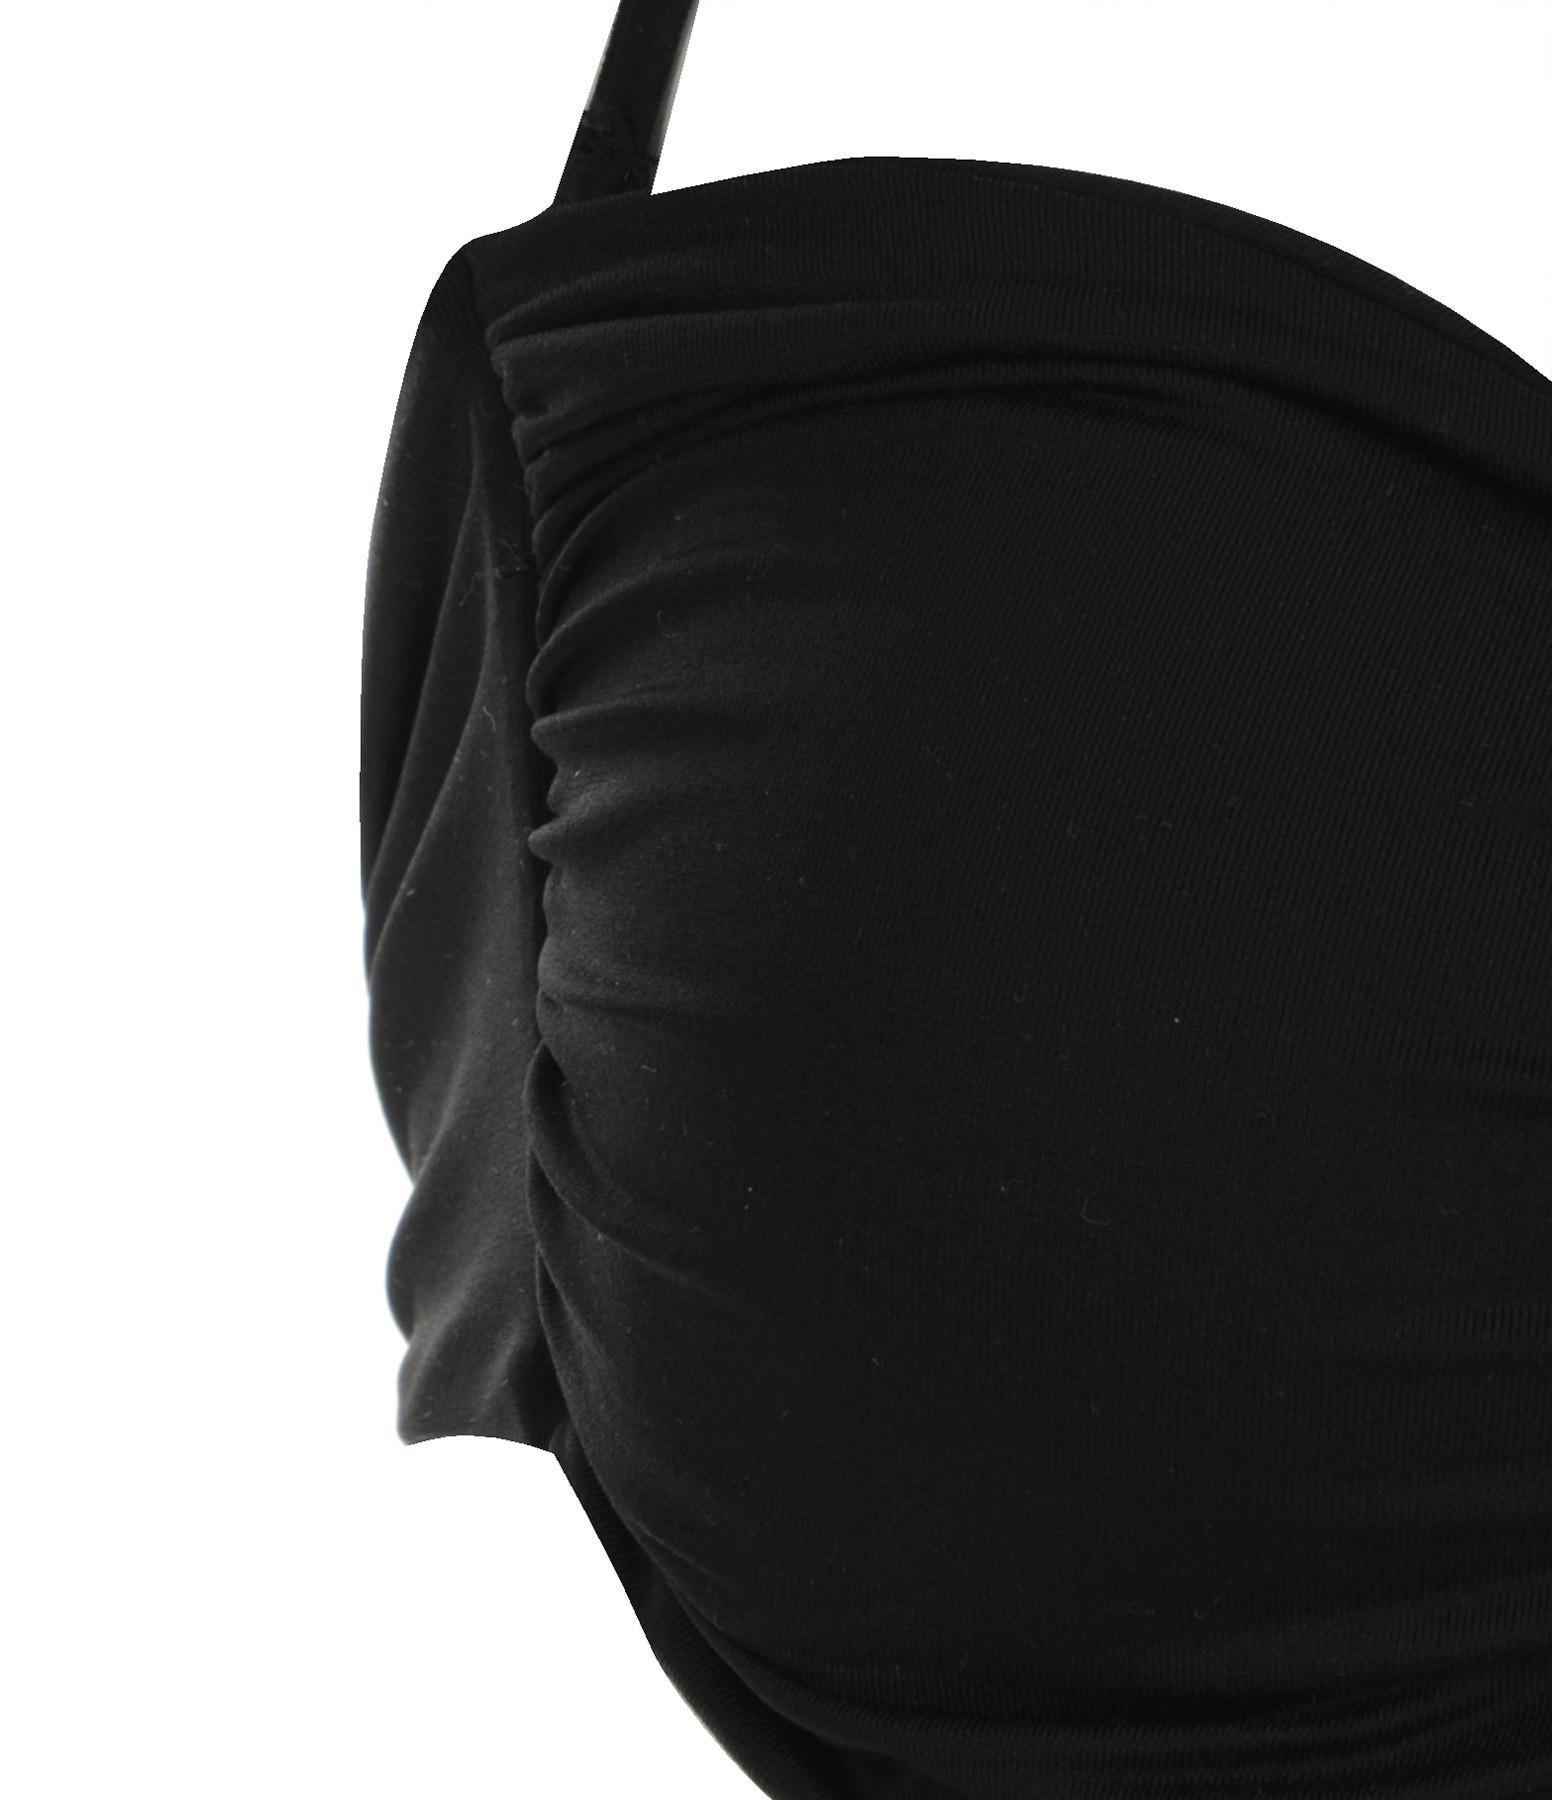 CALARENA - Haut de Maillot de Bain Escapade Noir, Collection Escapade d'Été